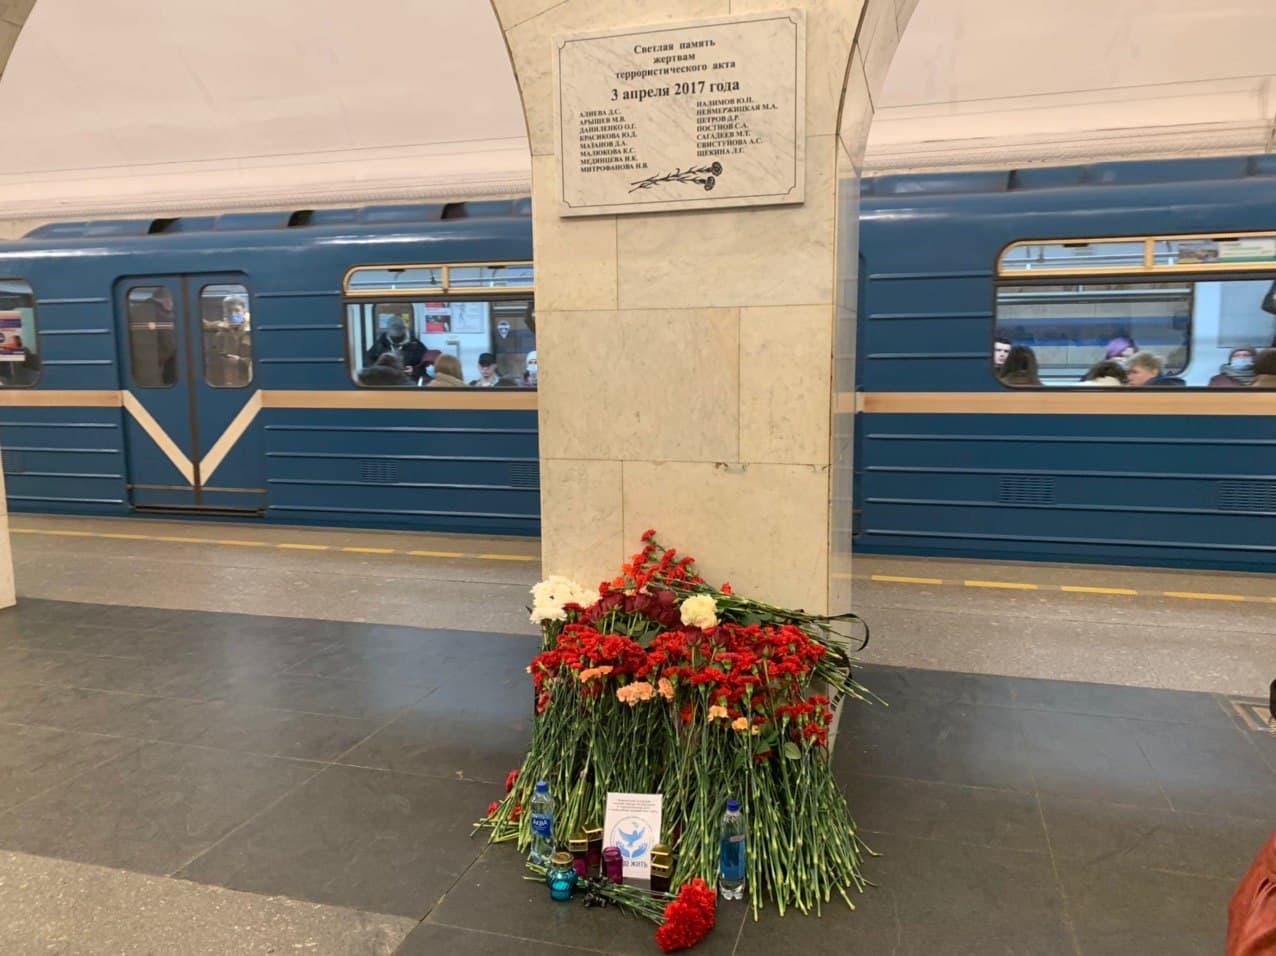 На станции метро Технологический институт помянули погибших в теракте. Напомним, 3 апреля 2017 год...